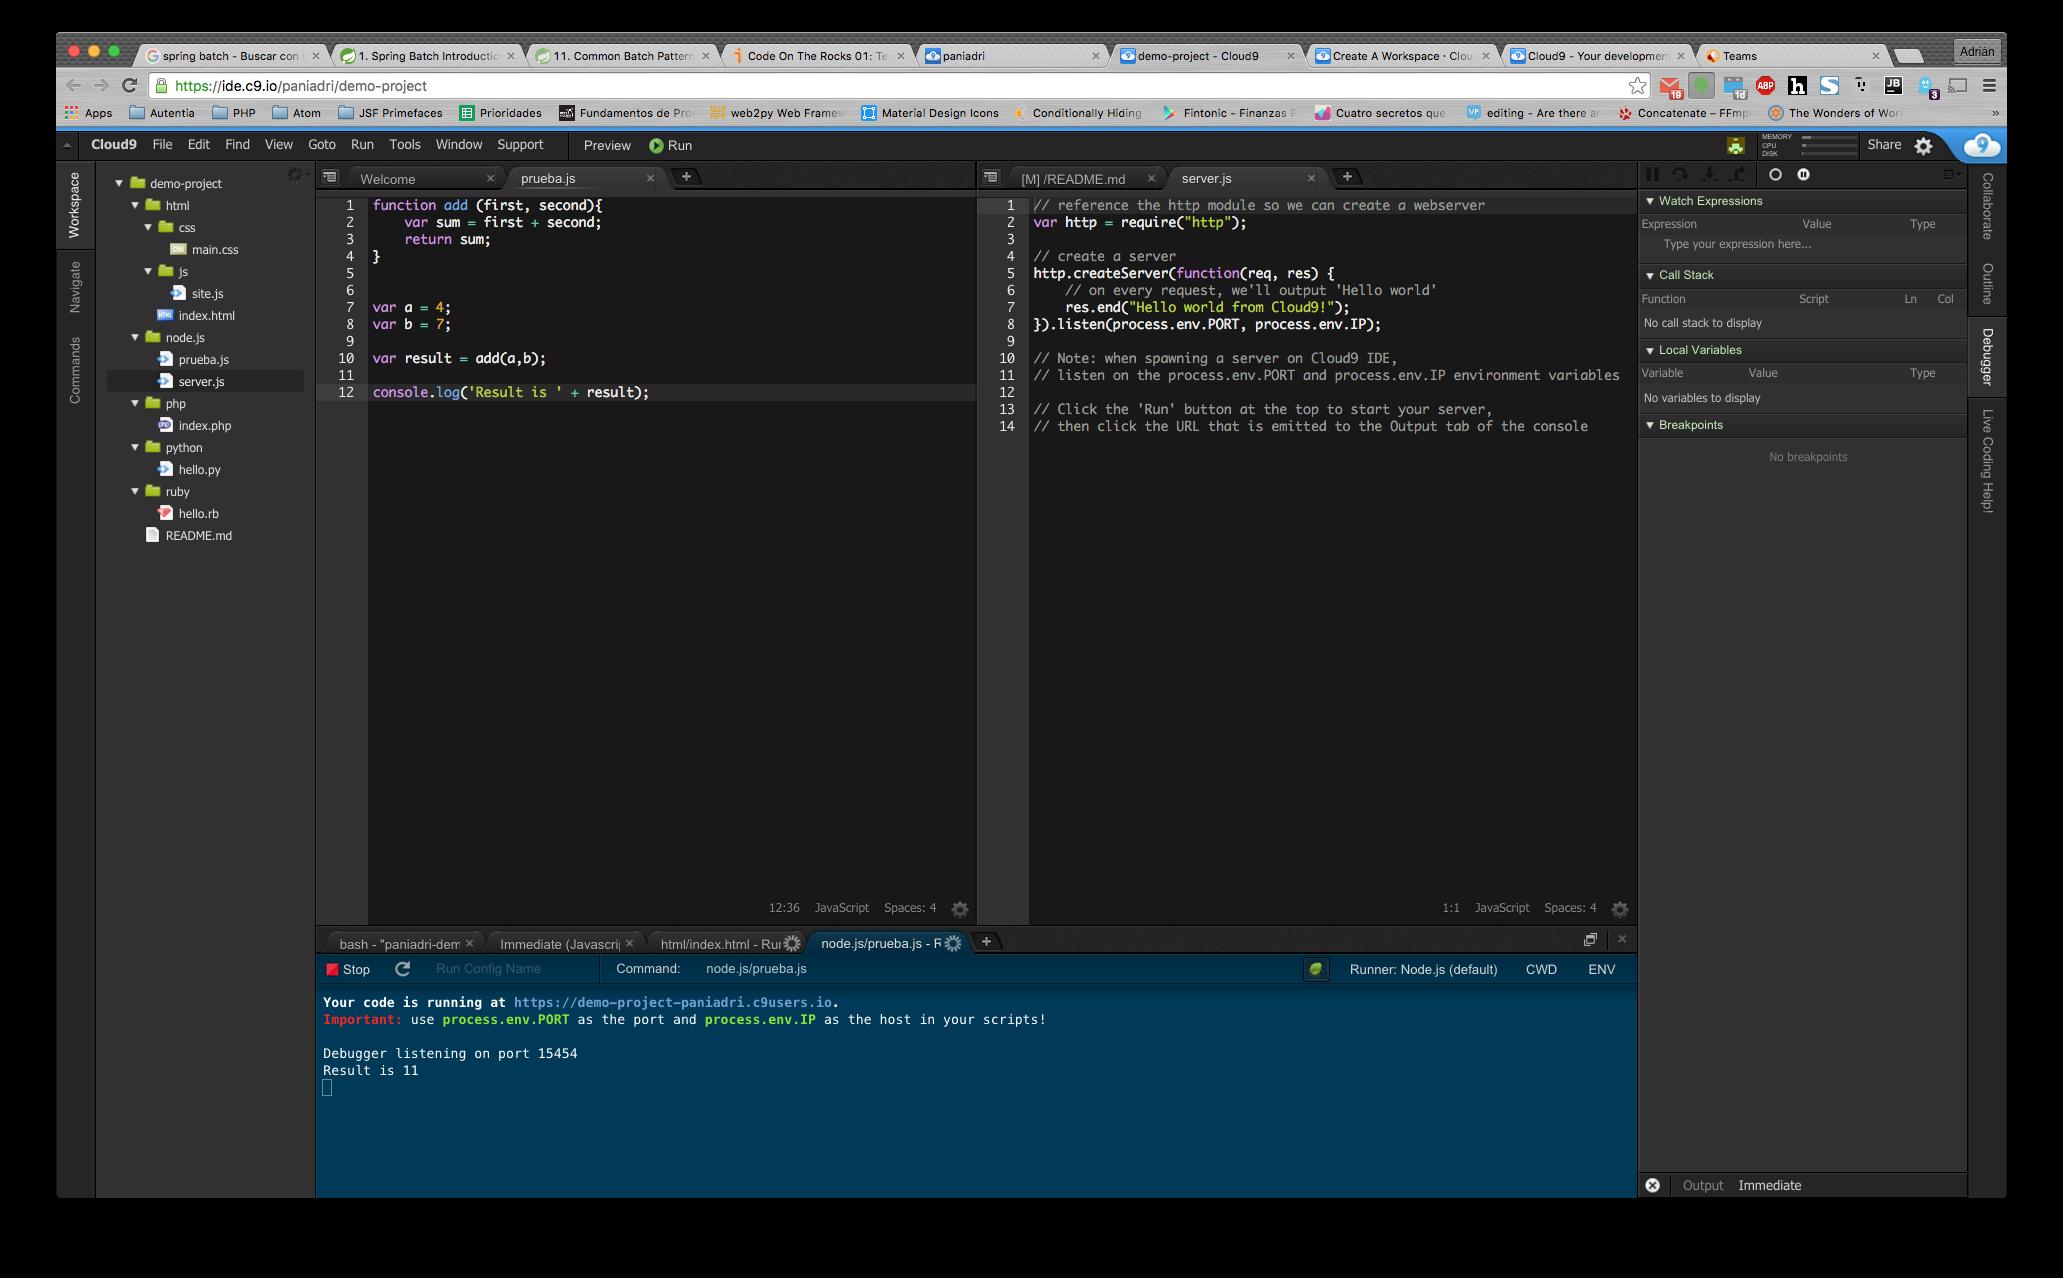 Programación en la nube: Cloud 9 IDE | adictosaltrabajo